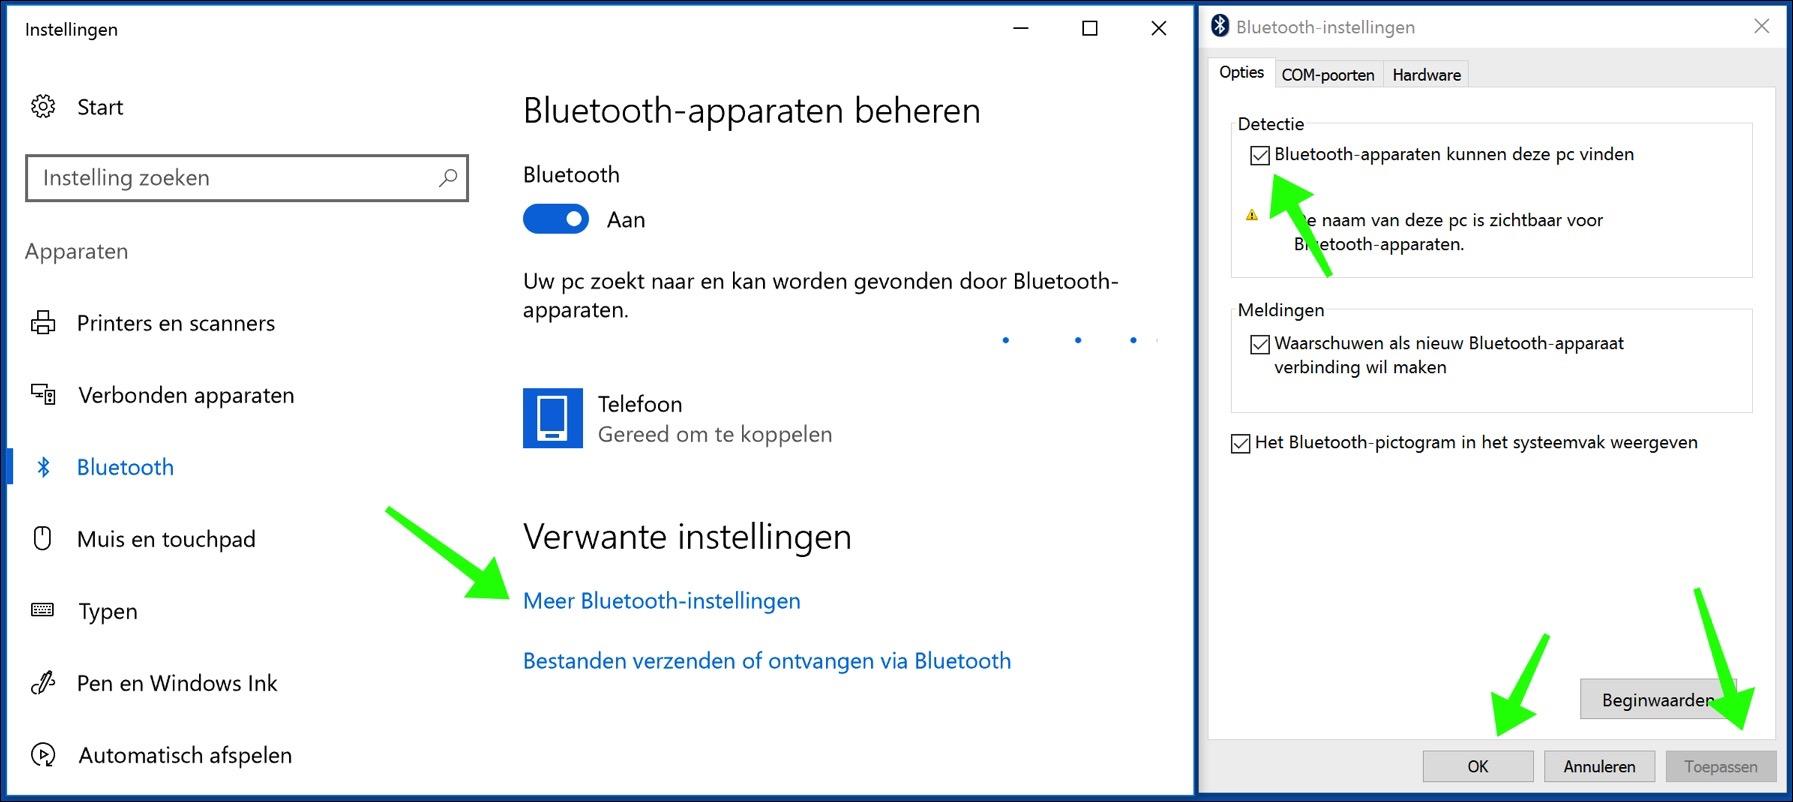 bluetooth apparaten beheren windows 10